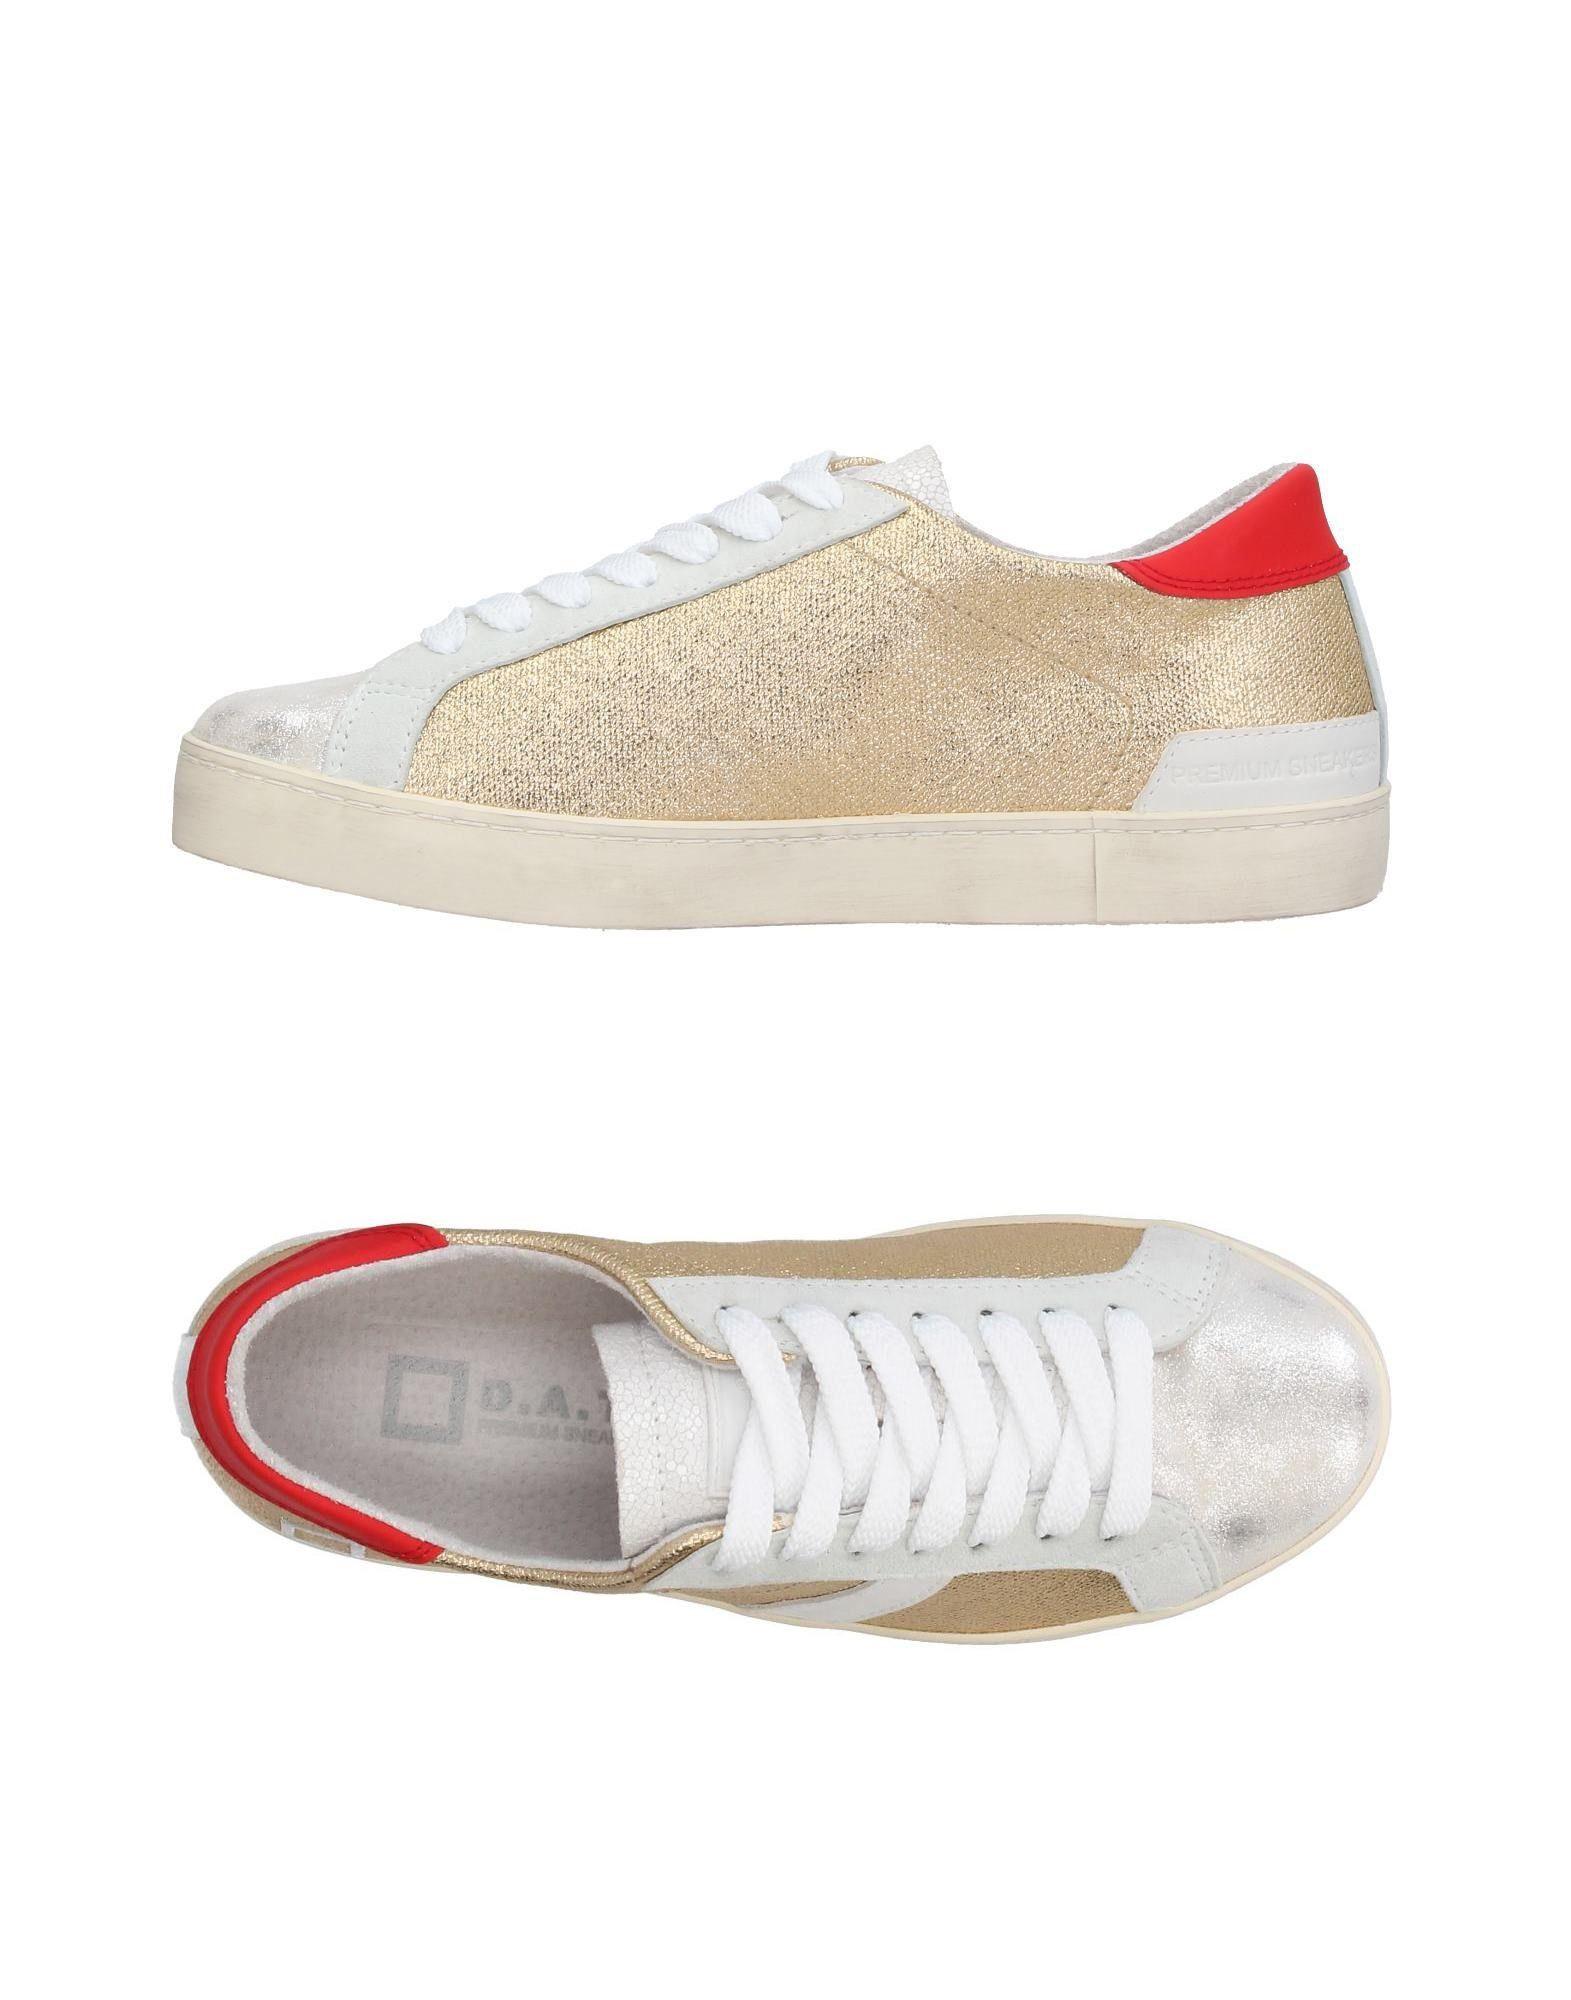 Sneakers D.A.T.E. comode Donna - 11415044PG Scarpe comode D.A.T.E. e distintive 864af8